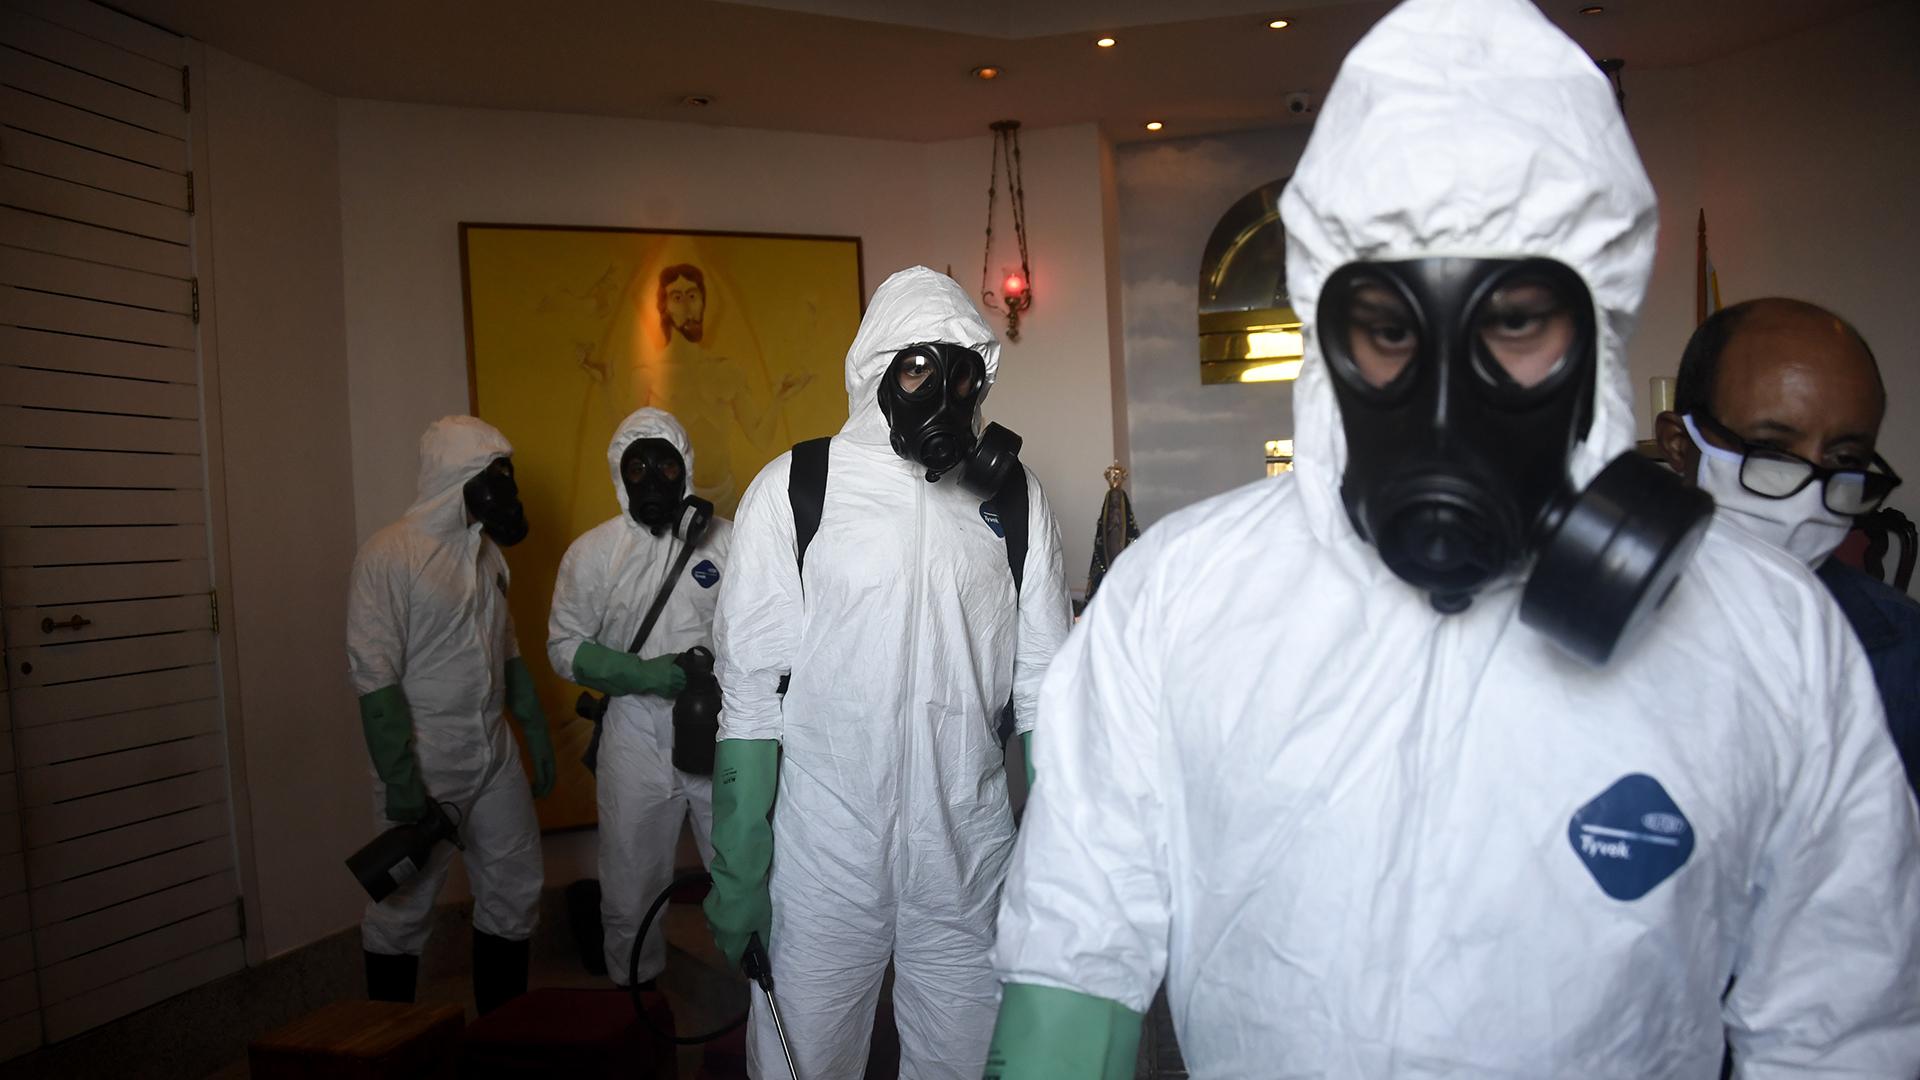 Se trabajó bastante en la desinfección (Mauro PIMENTEL / AFP)